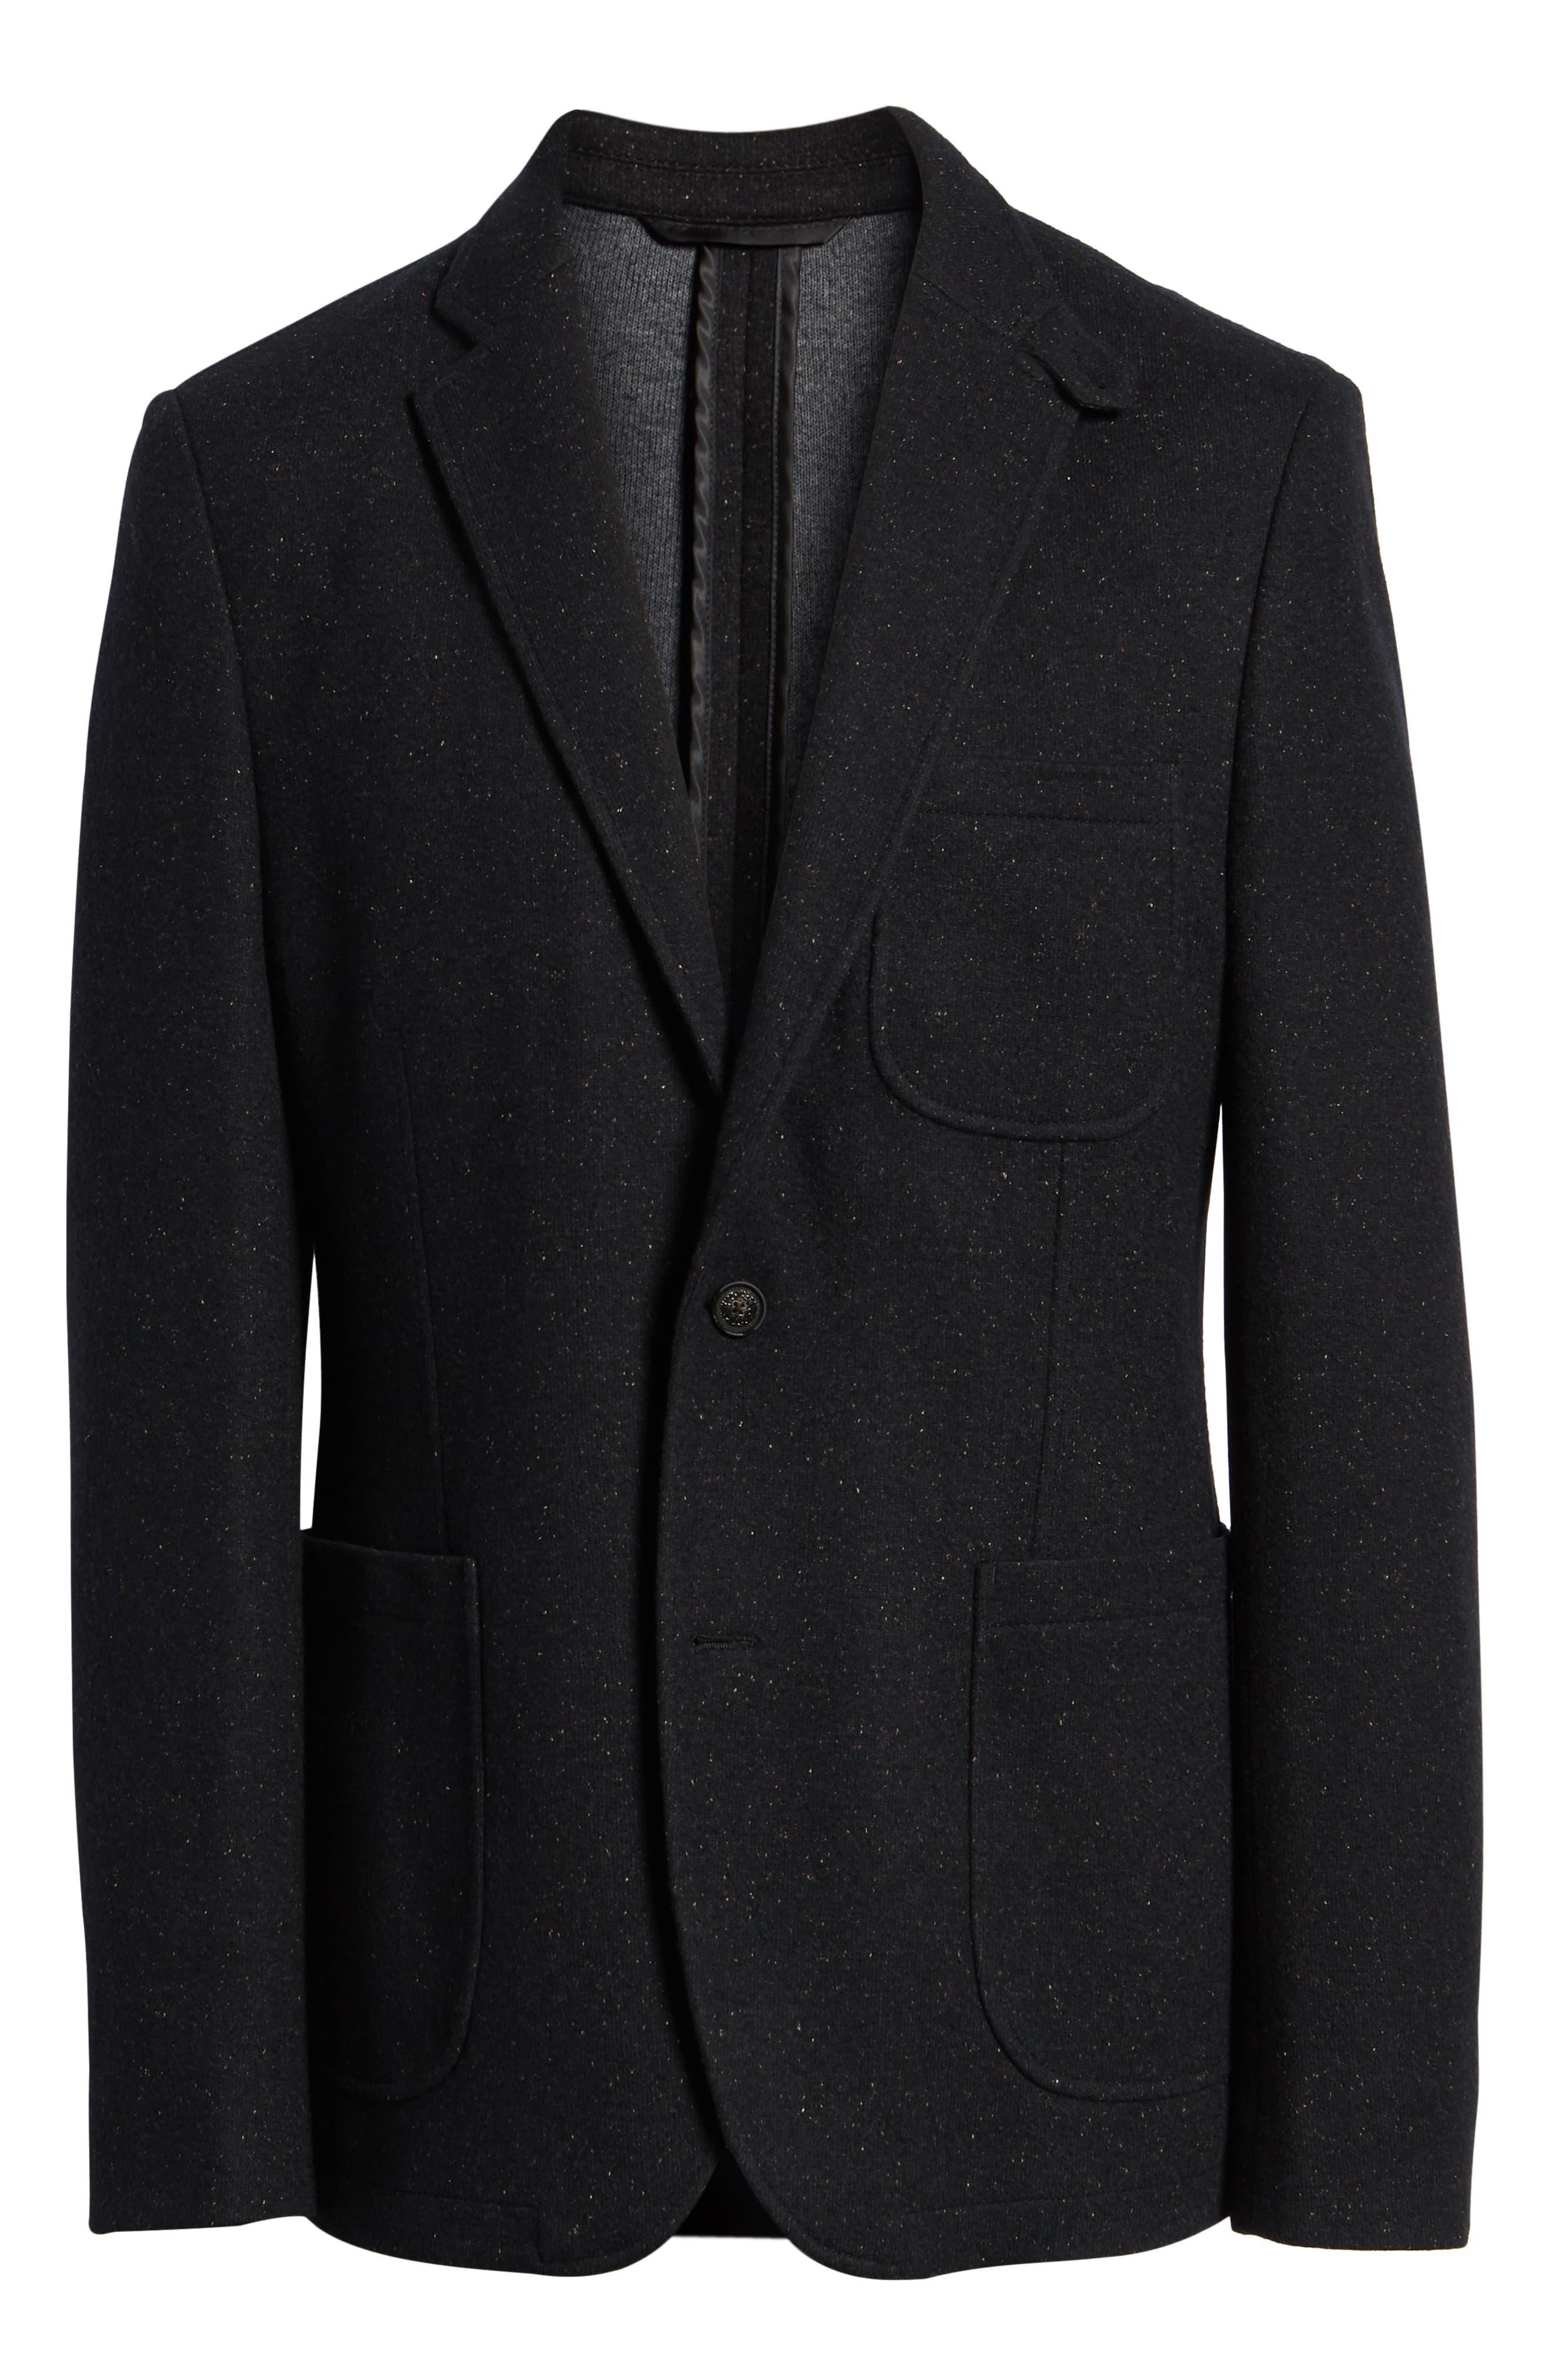 White Solid Cotton Blend Sport Coat,                             Alternate thumbnail 6, color,                             BLACK